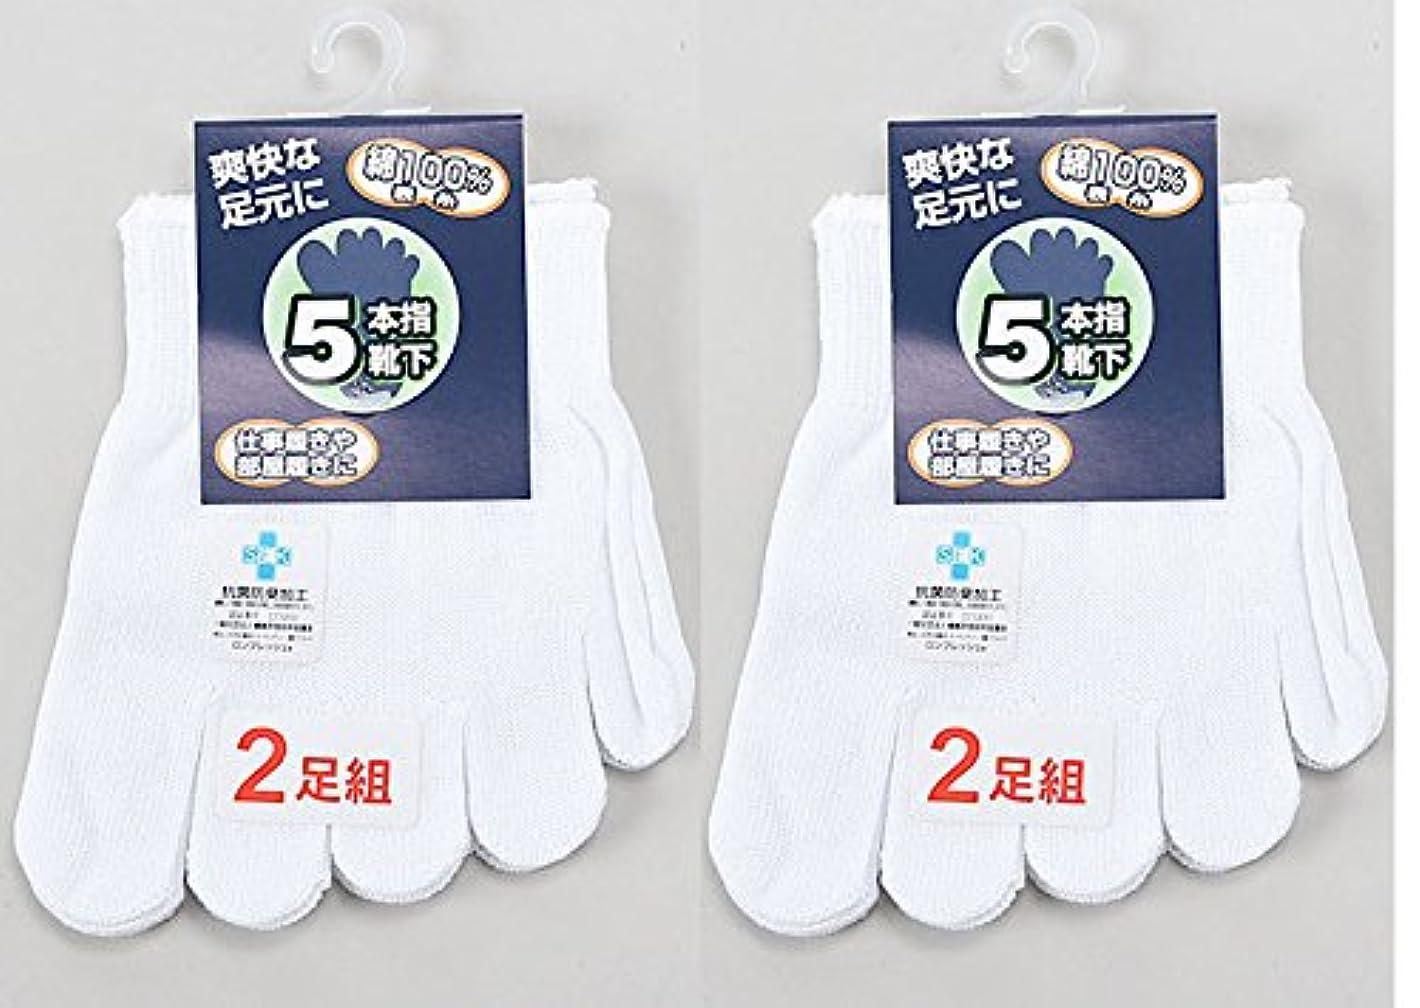 消える専門知識息切れ日本製 5本指ハーフソックス 表糸綿100% つま先5本指フットカバー オフ白4足組